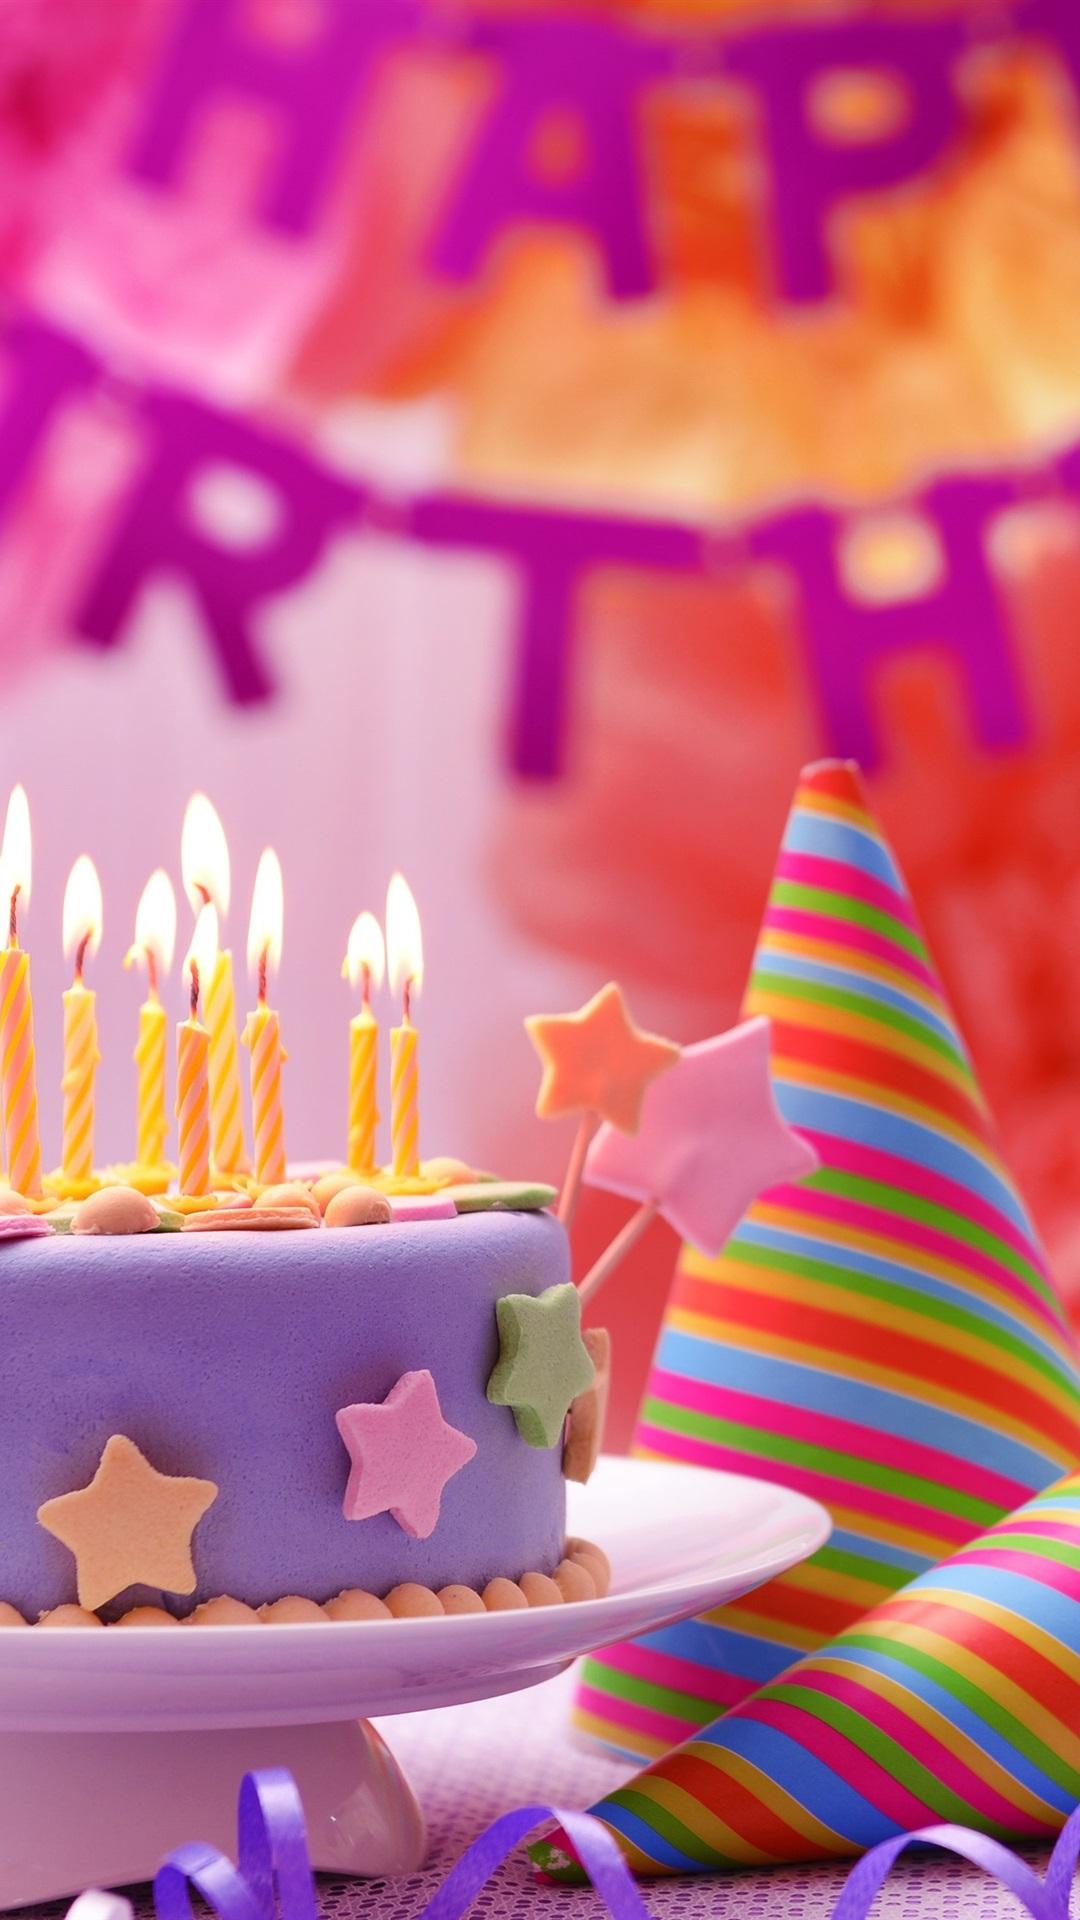 壁纸 生日快乐,蛋糕,五颜六色的装饰,蜡烛,火焰 3840x2160 Uhd 4k 高清壁纸 图片 照片